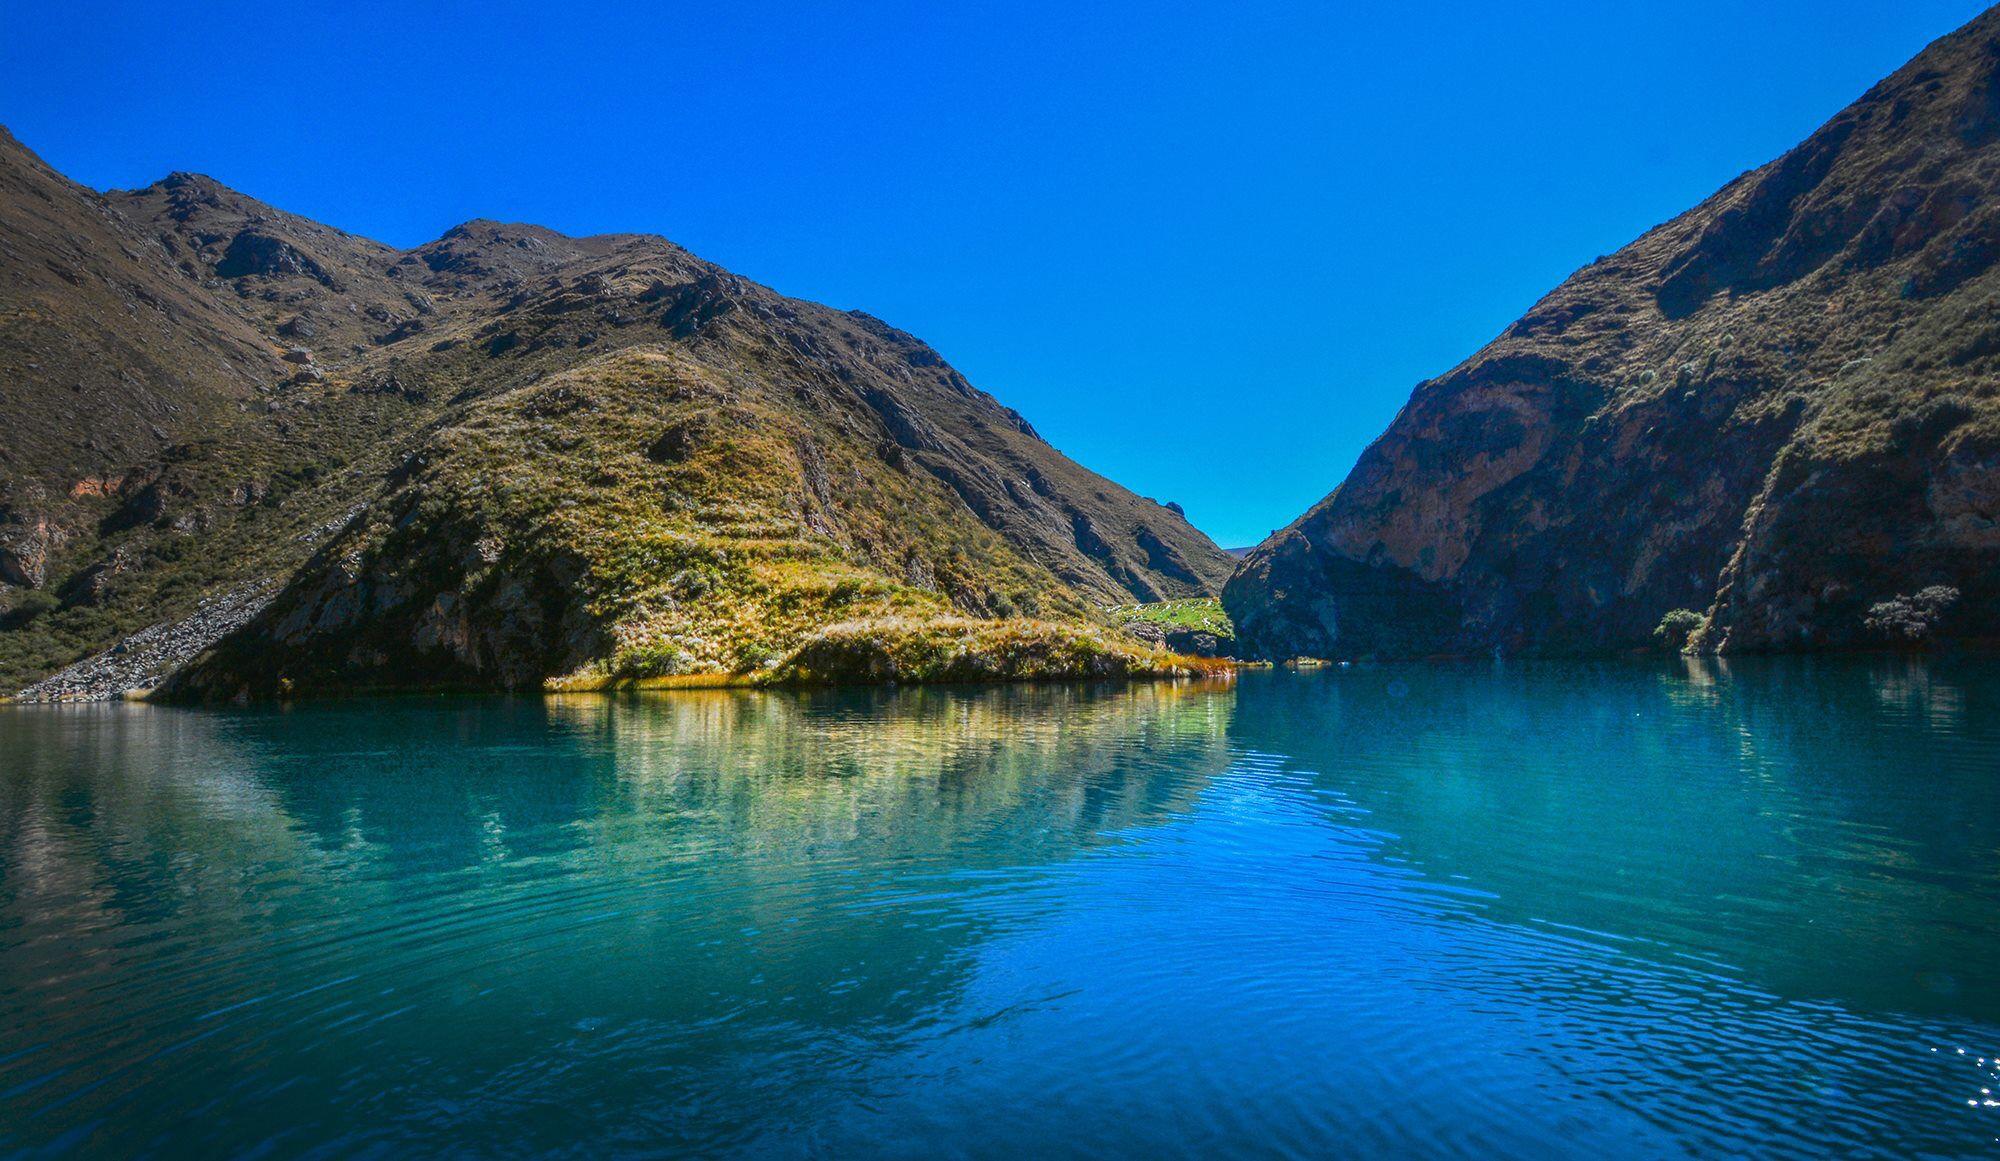 Resultado de imagen para laguna de huallhua